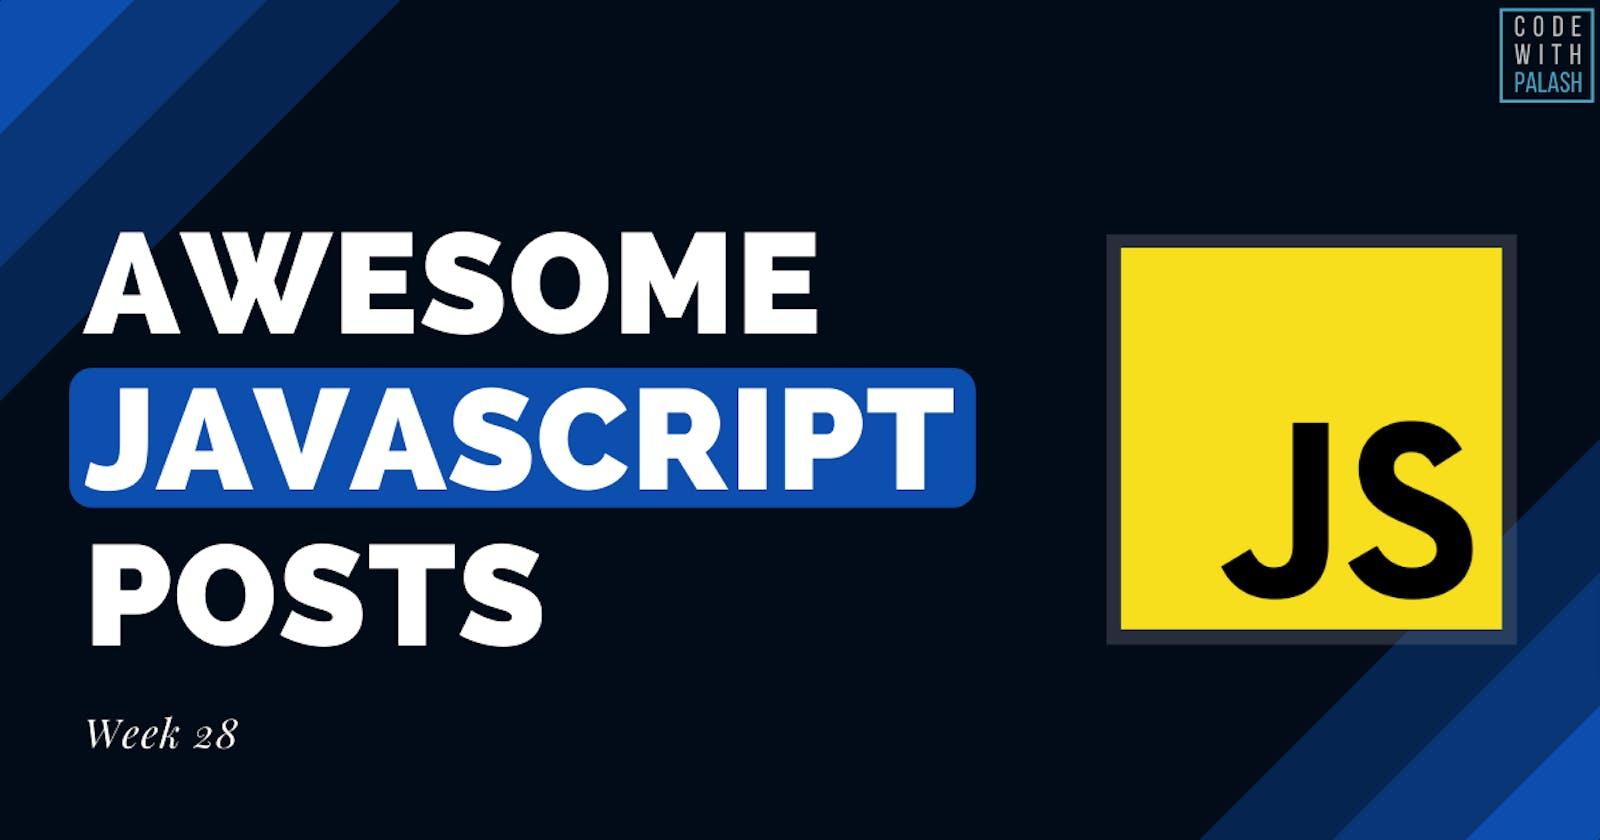 Awesome JavaScript Posts (Week 28)